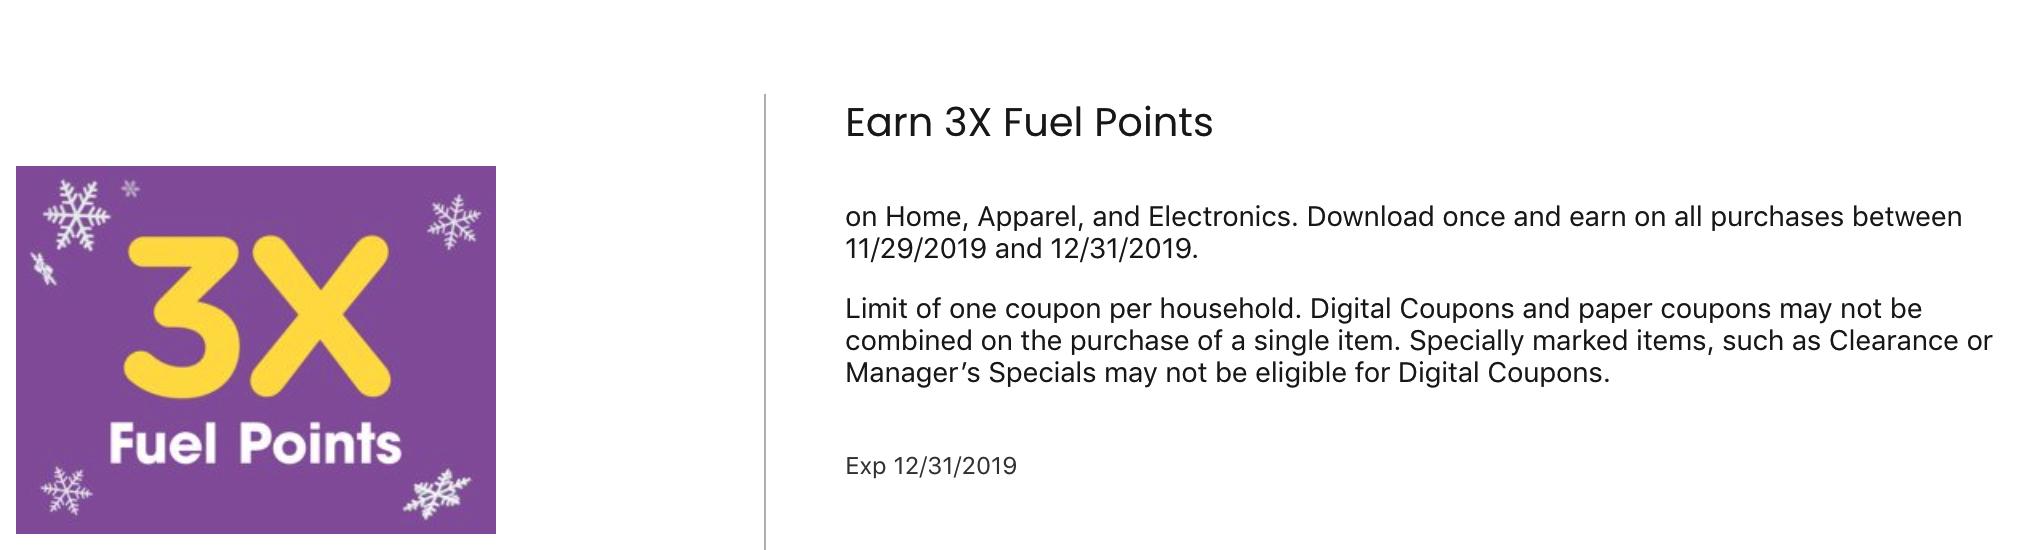 Kroger Fuel Points Home Apparel